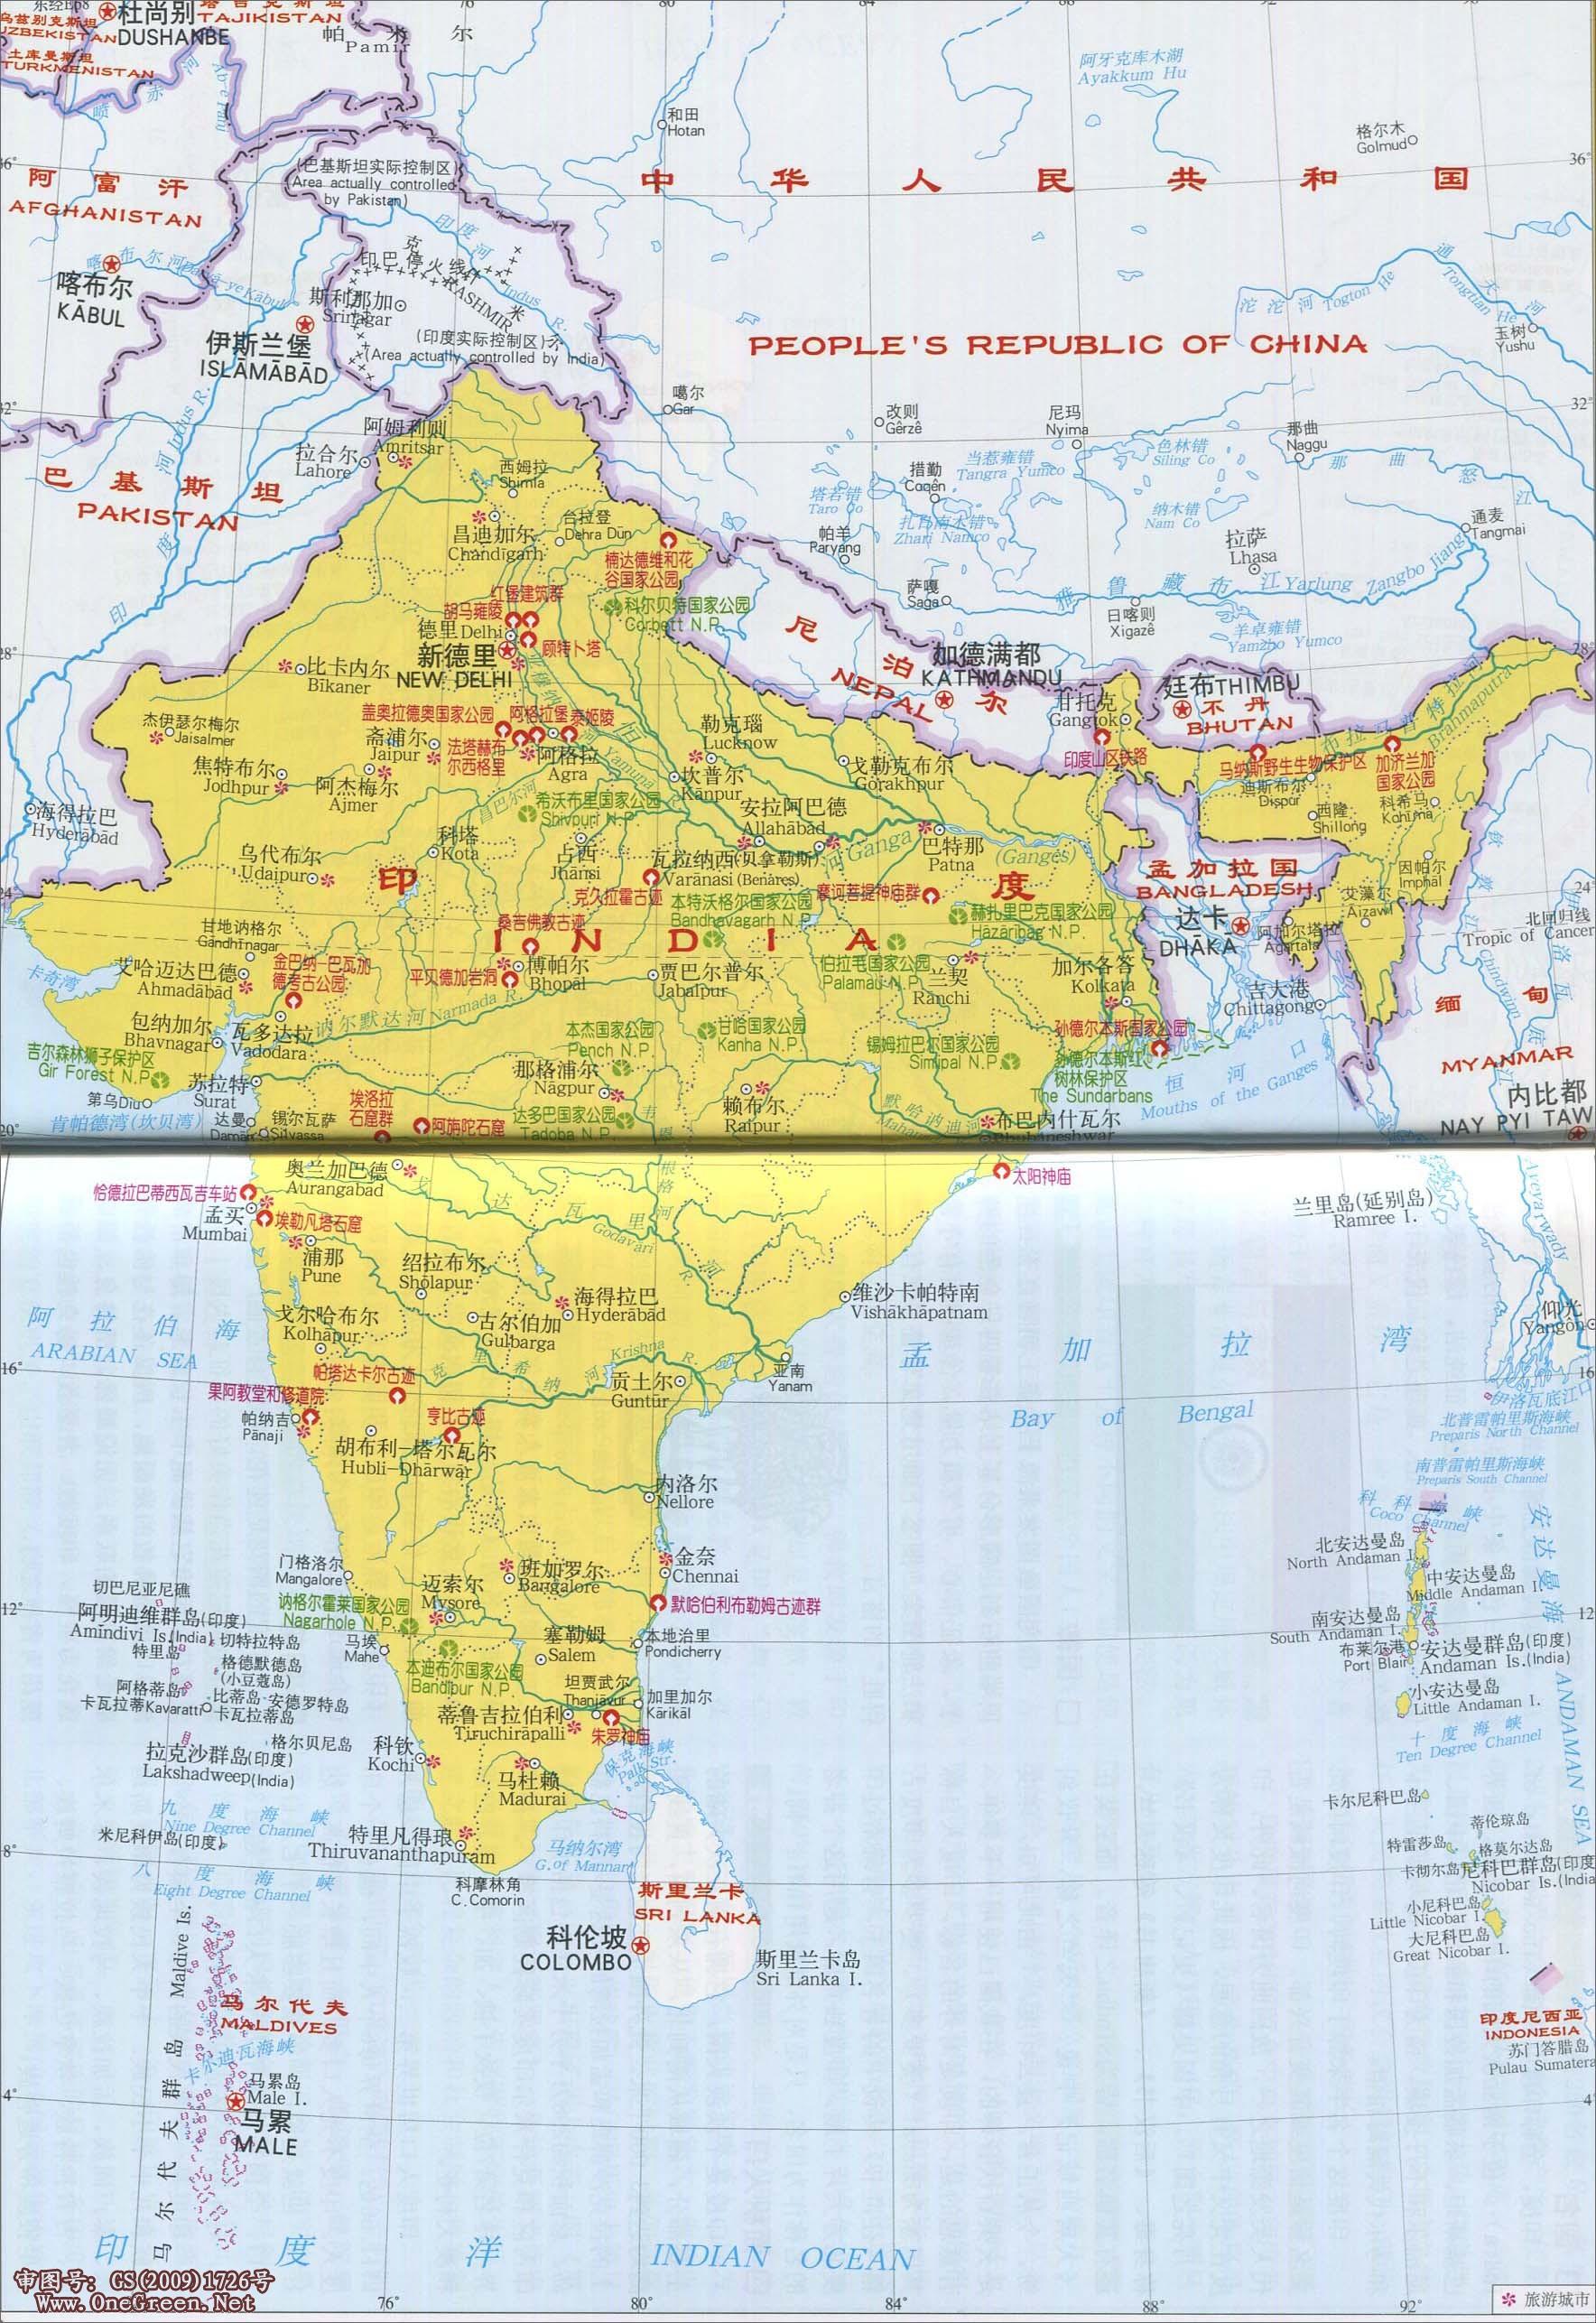 黎巴嫩地图_印度风景名胜图地图_印度地图库_地图窝